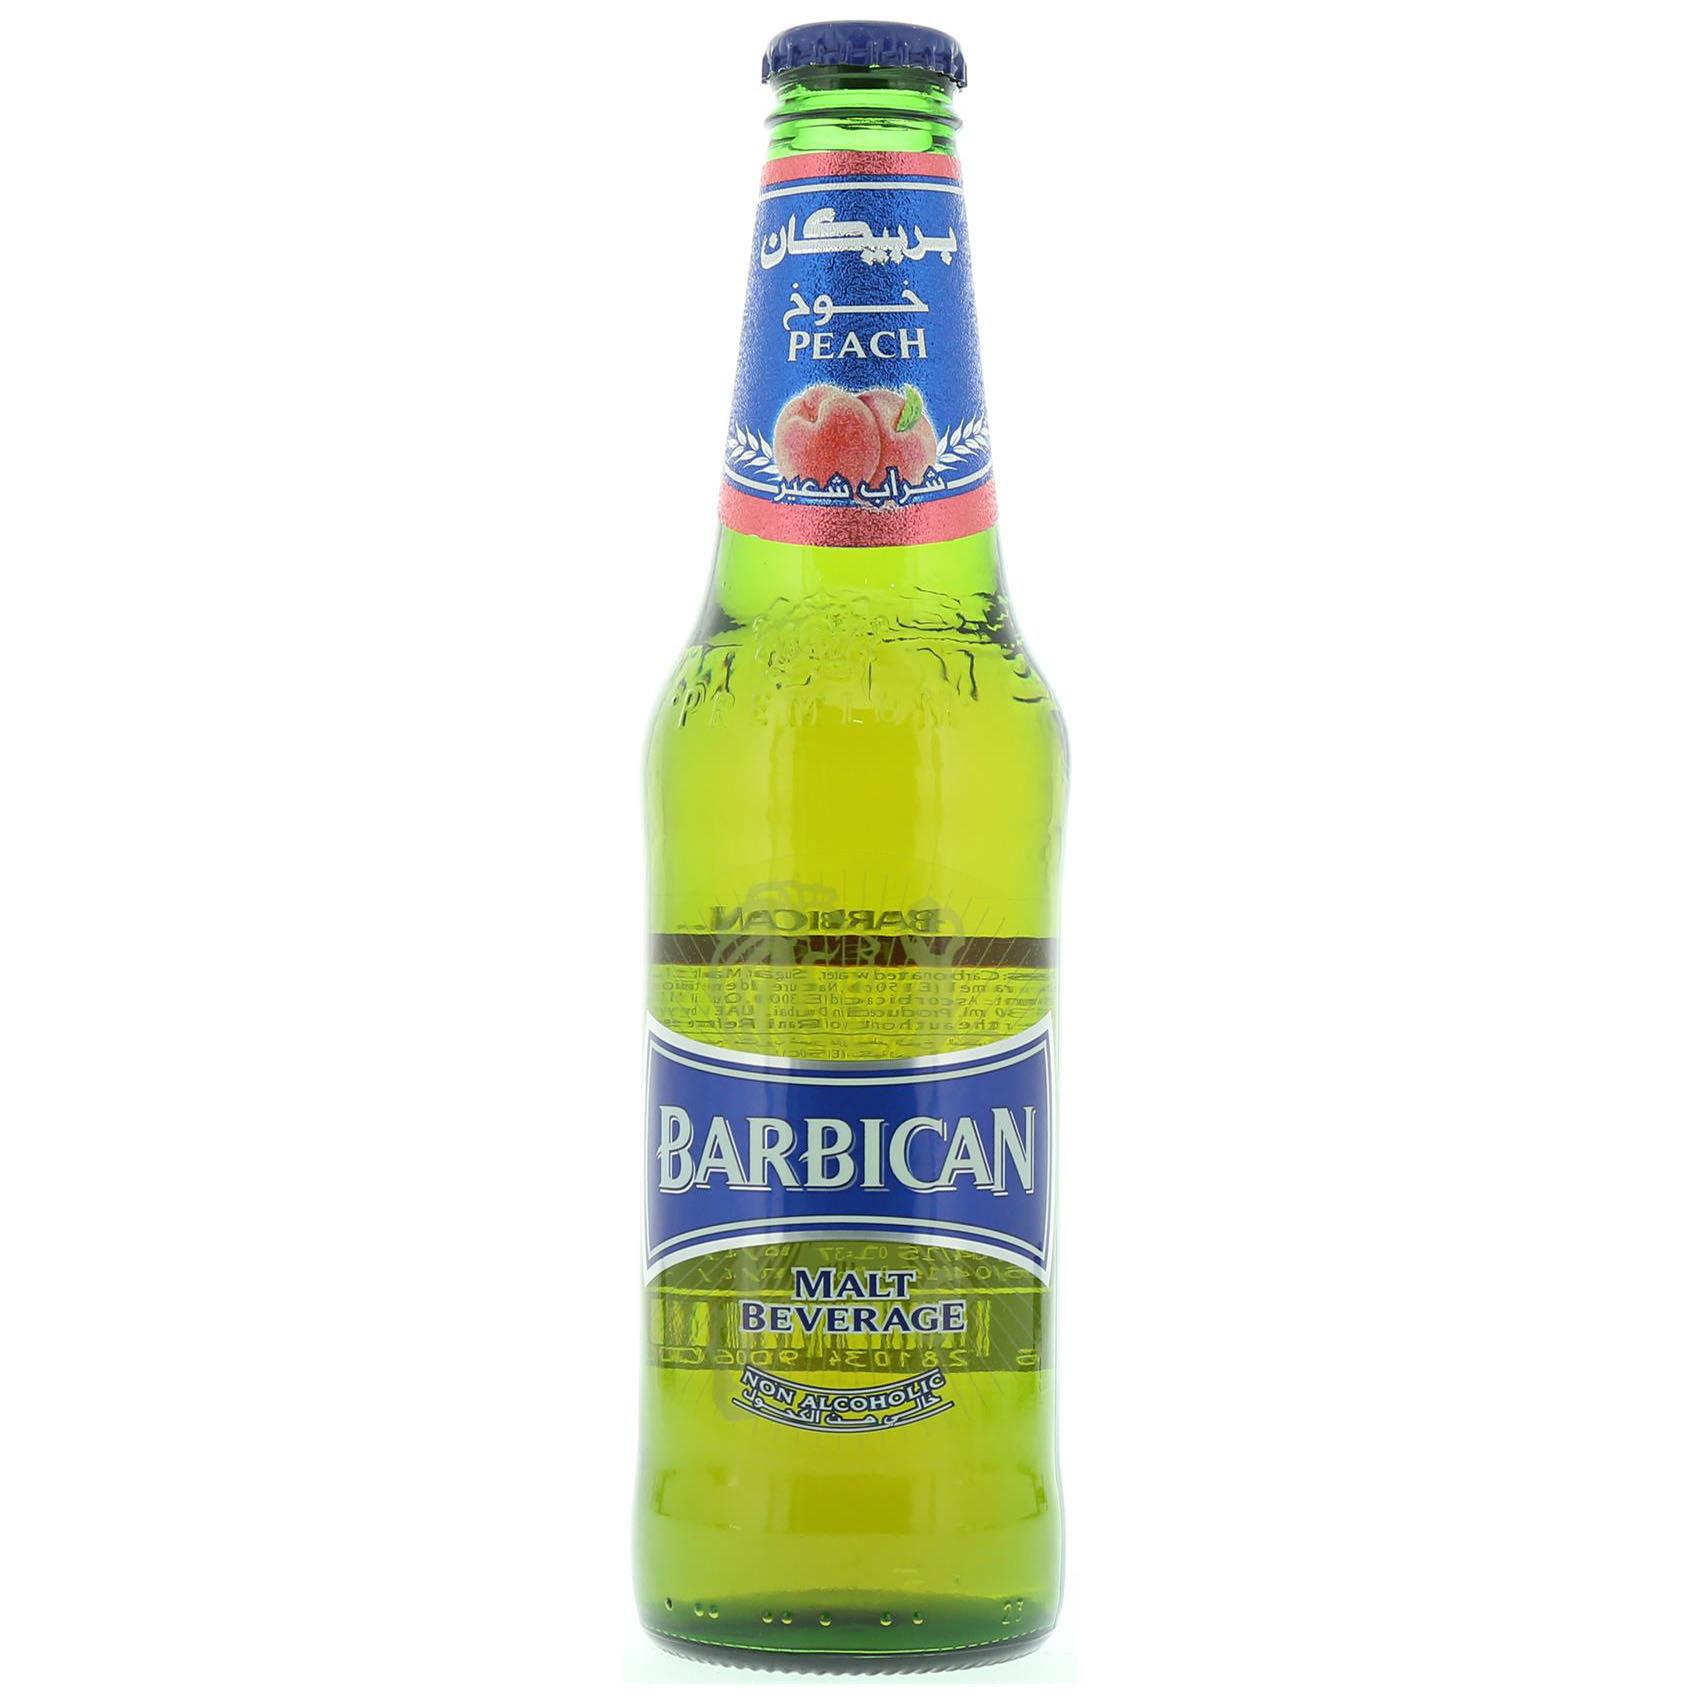 BARBICAN N/ALCO BEER PEACH 330ML